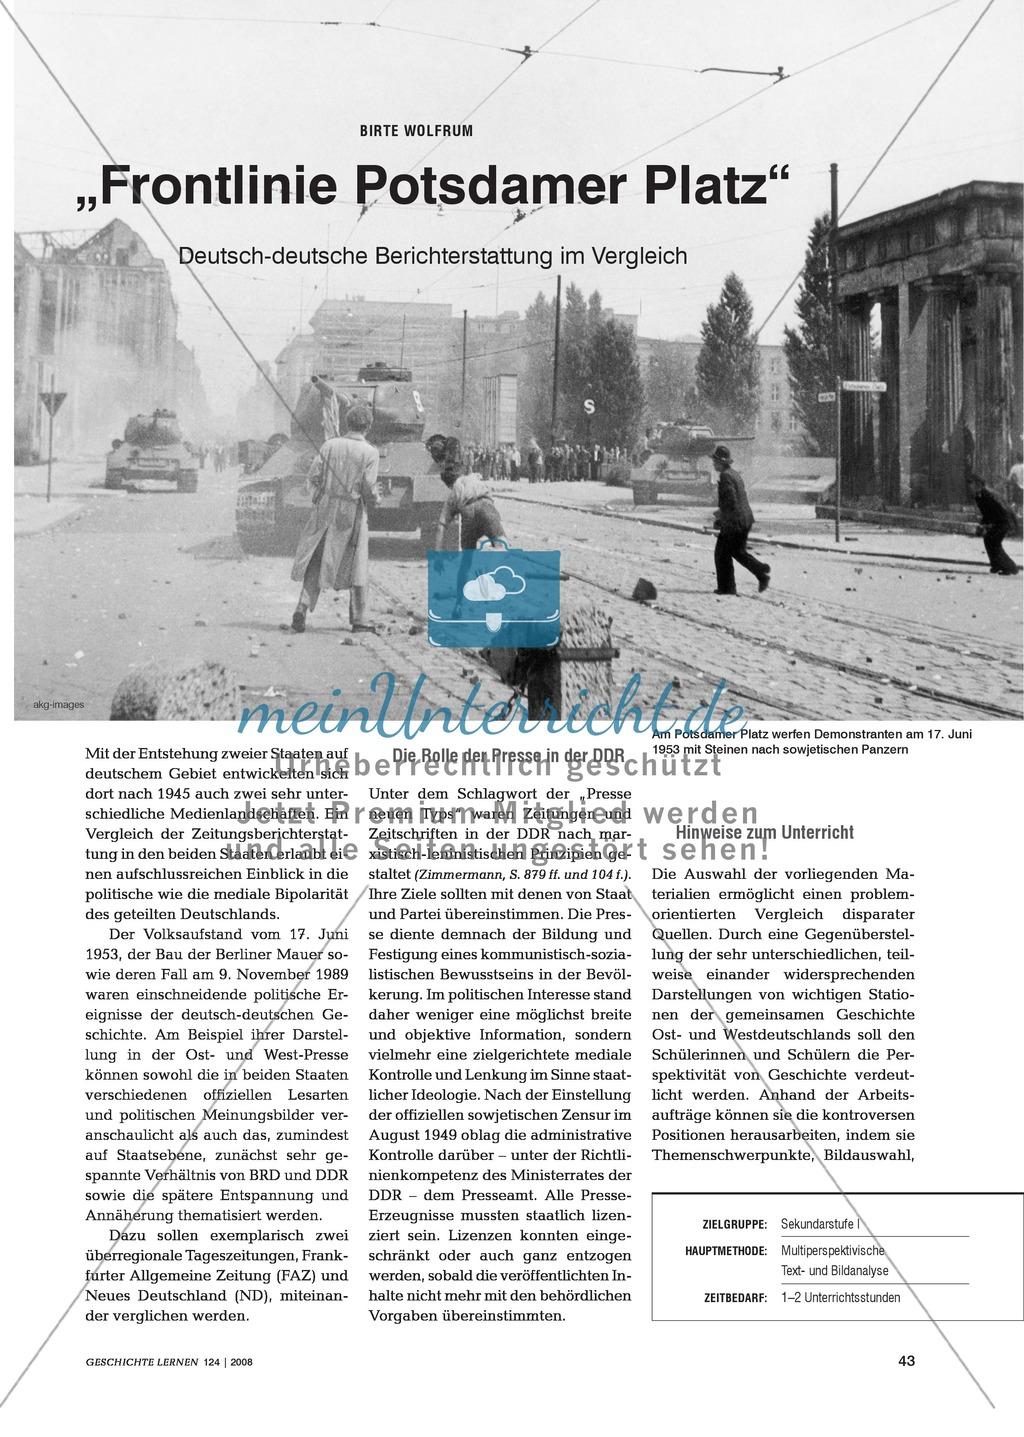 17. Juni 1953: Die Darstellung des Arbeiteraufstandes in der DDR in den zeitgenössischen Zeitungen der DDR und der Bundesrepublik Preview 0